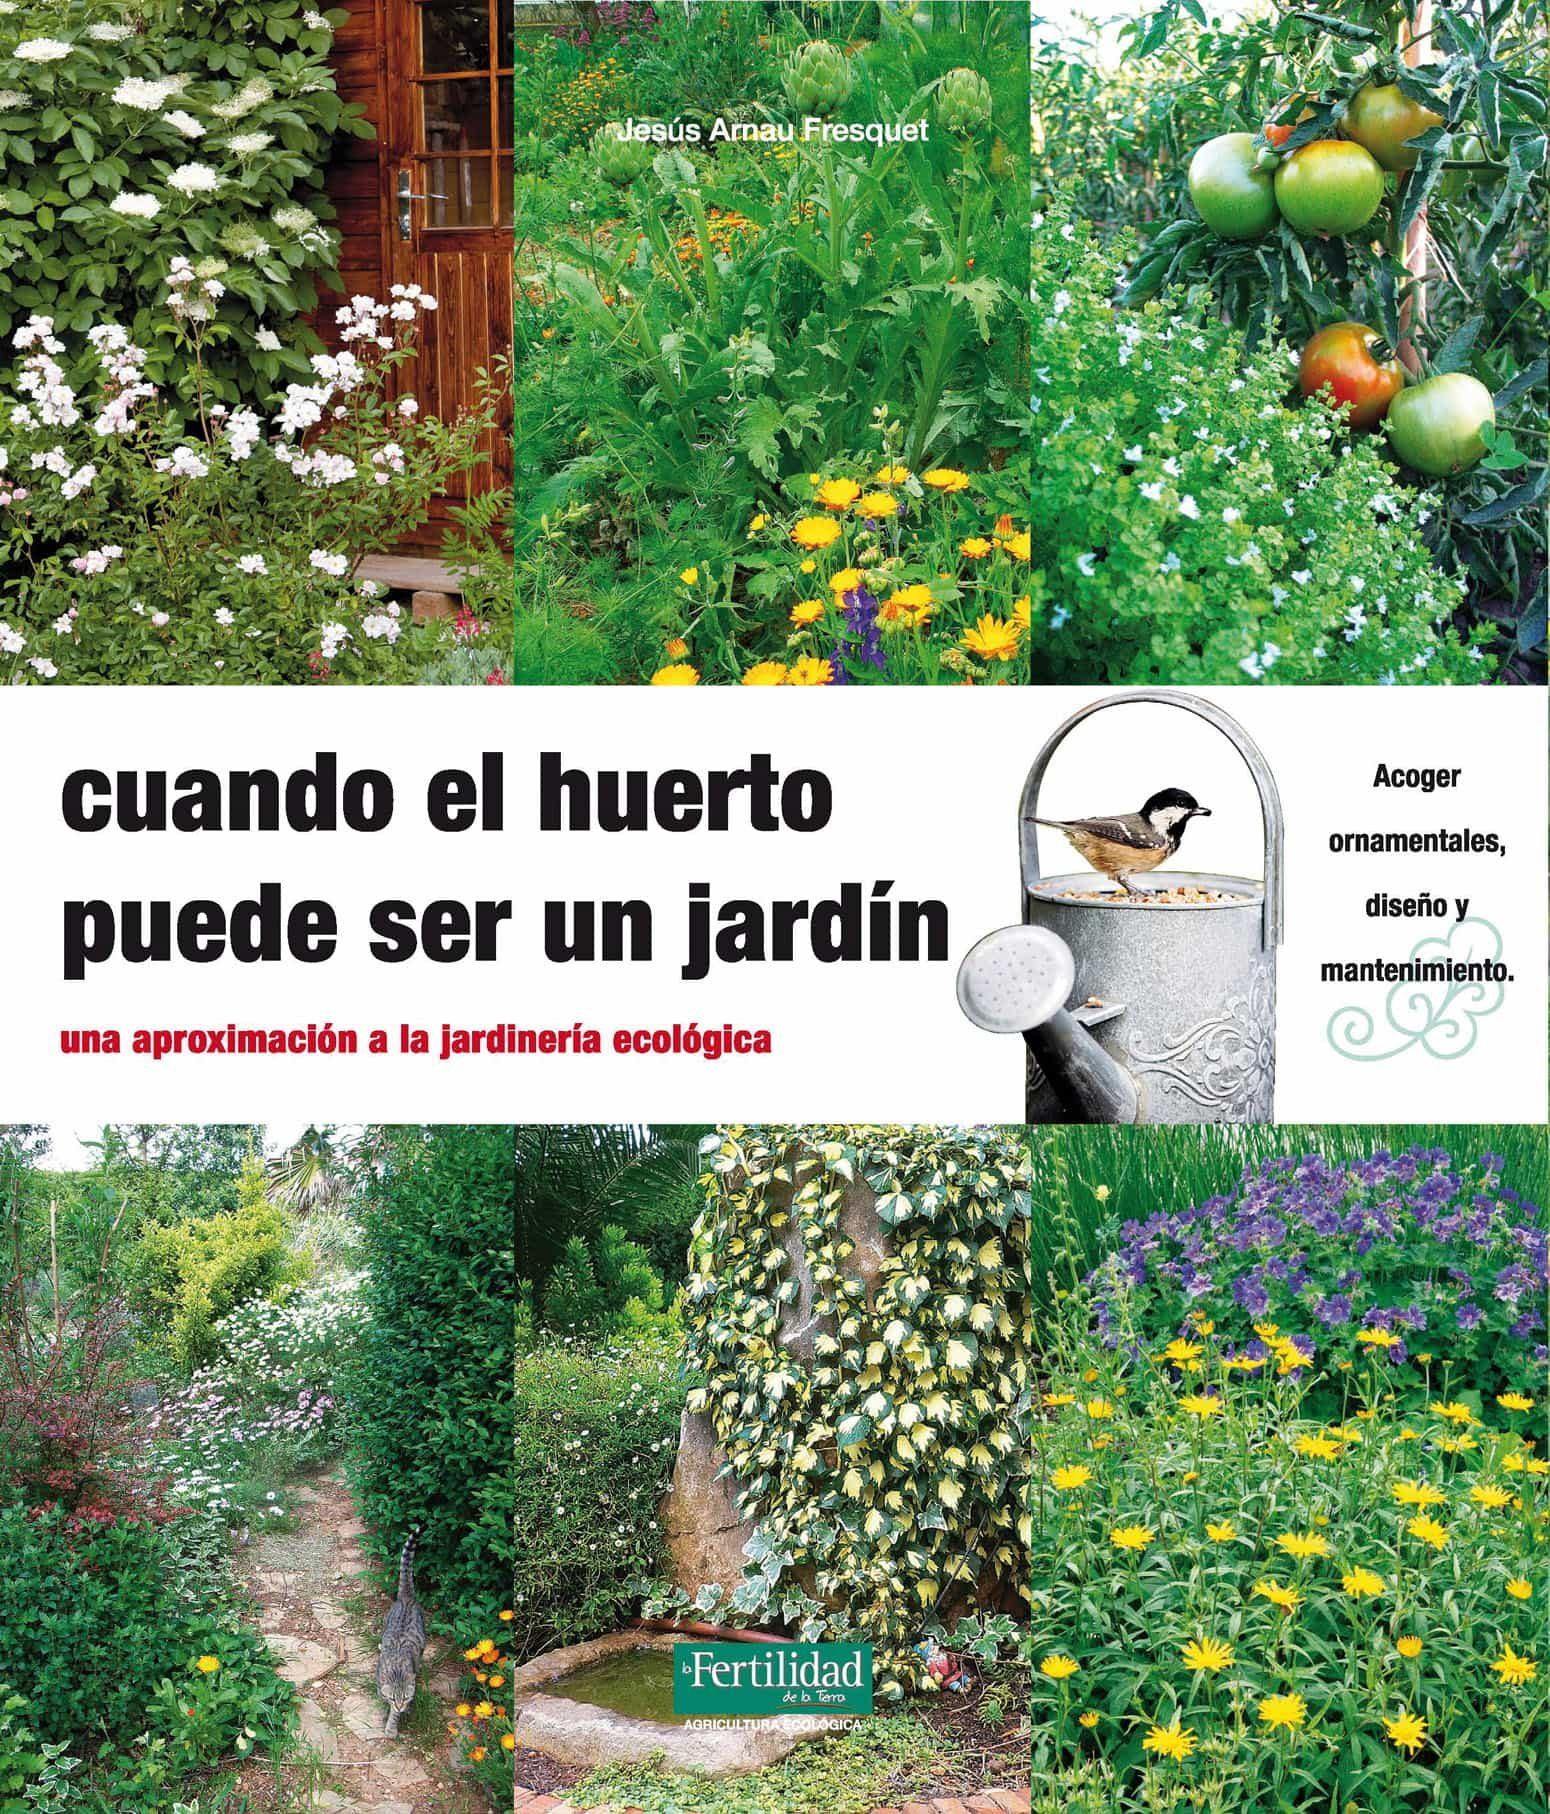 Cuando El Huerto Puede Ser Un Jardin Una Aproximacion A La Jardi  ~ Como Hacer Una Huerta Ecologica